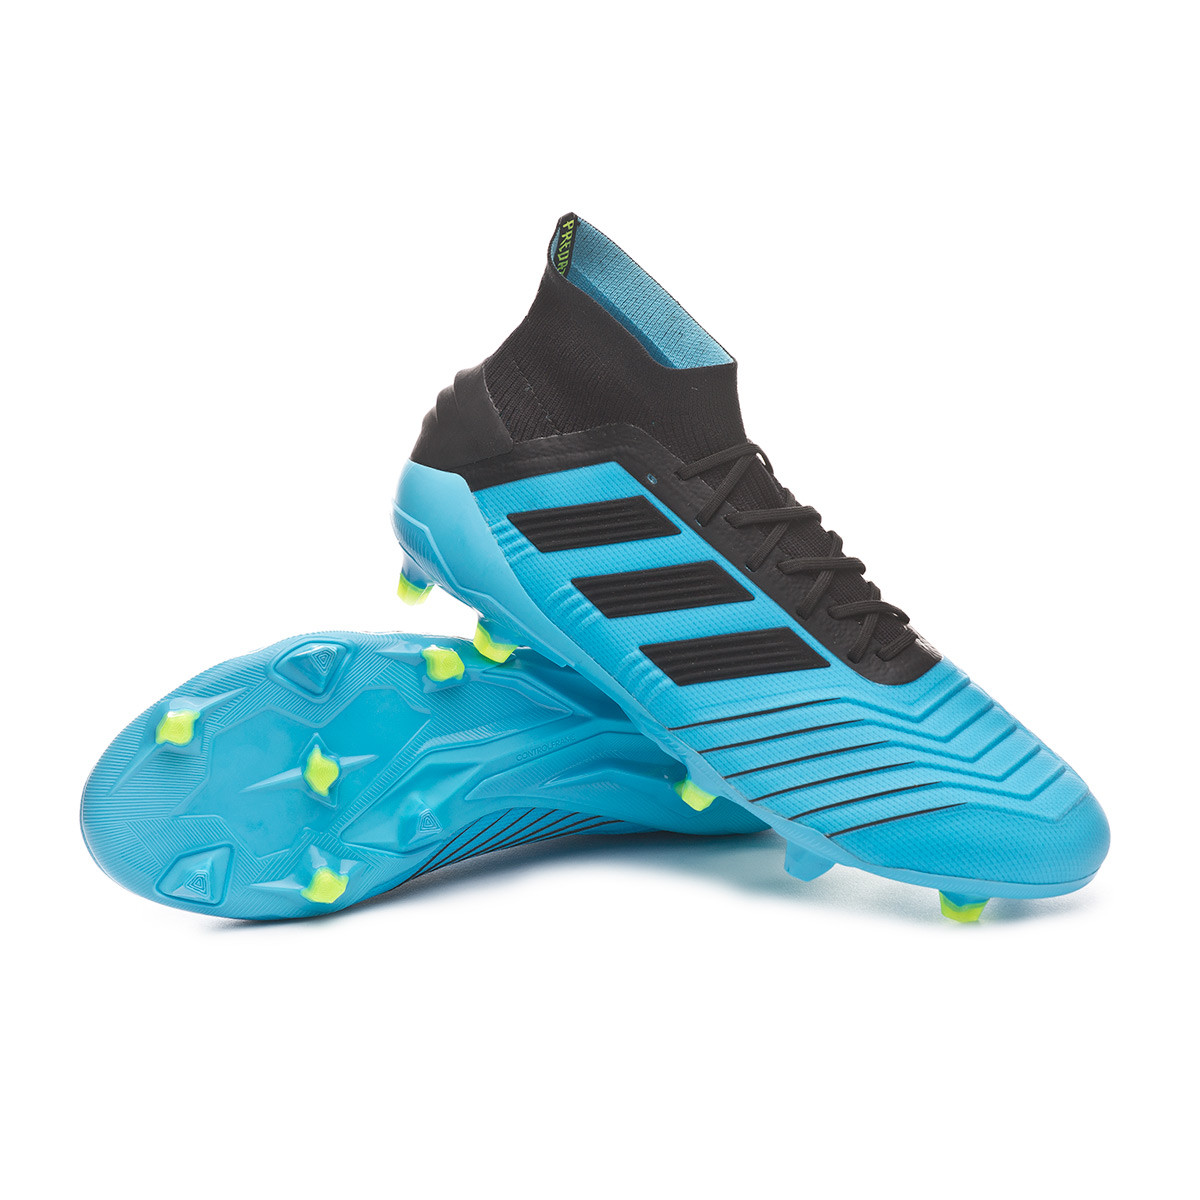 Chaussures de football à crampons Adidas Predator 19.1 FG